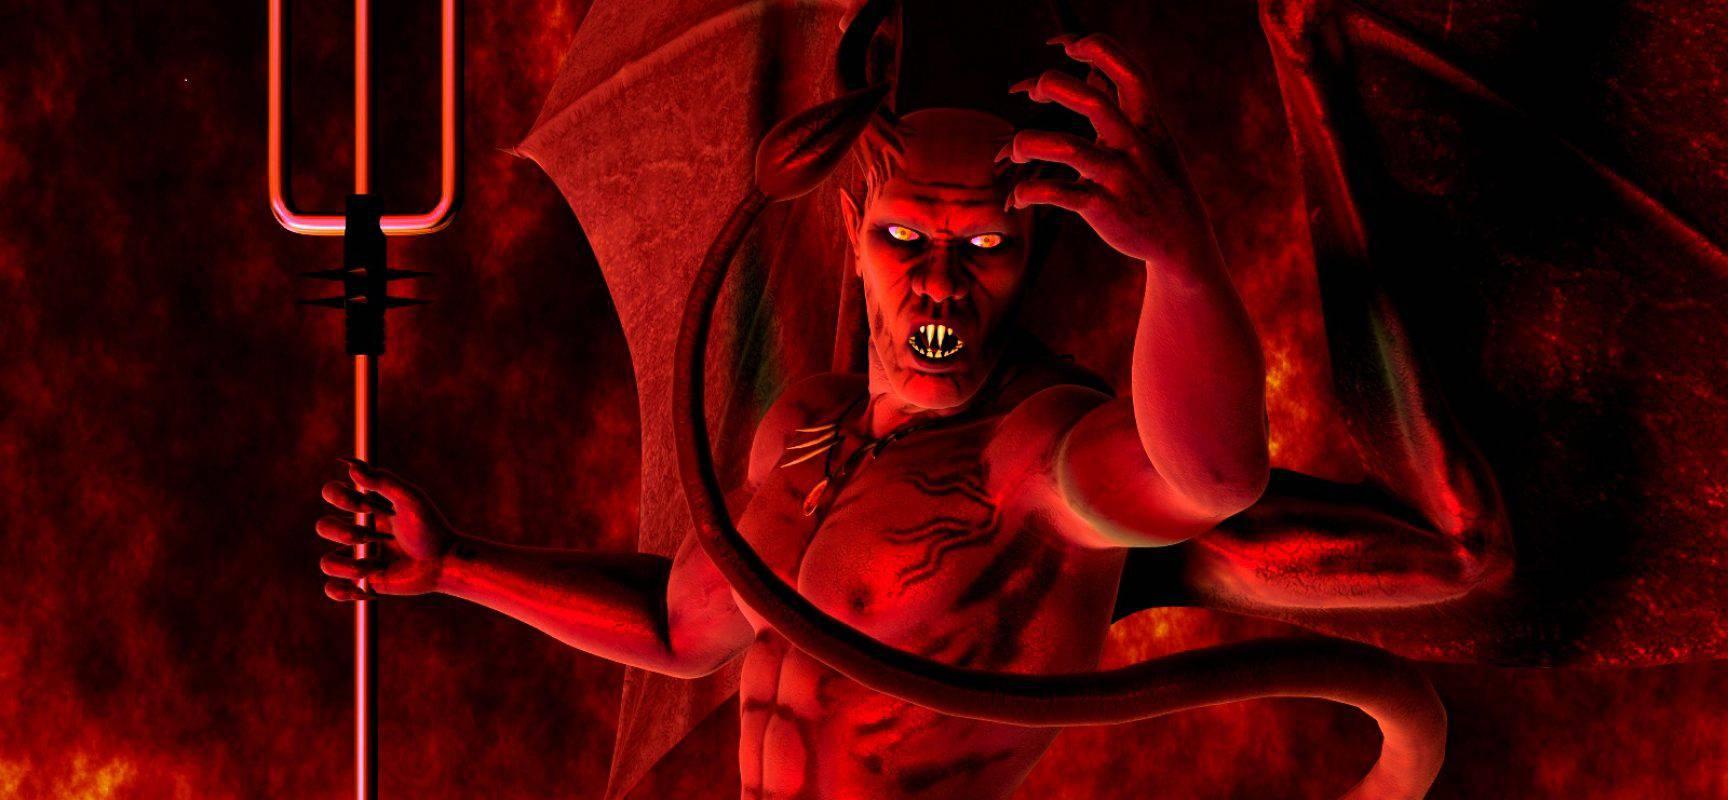 Hai stretto un patto con Satana? Ti puoi ancora salvare!